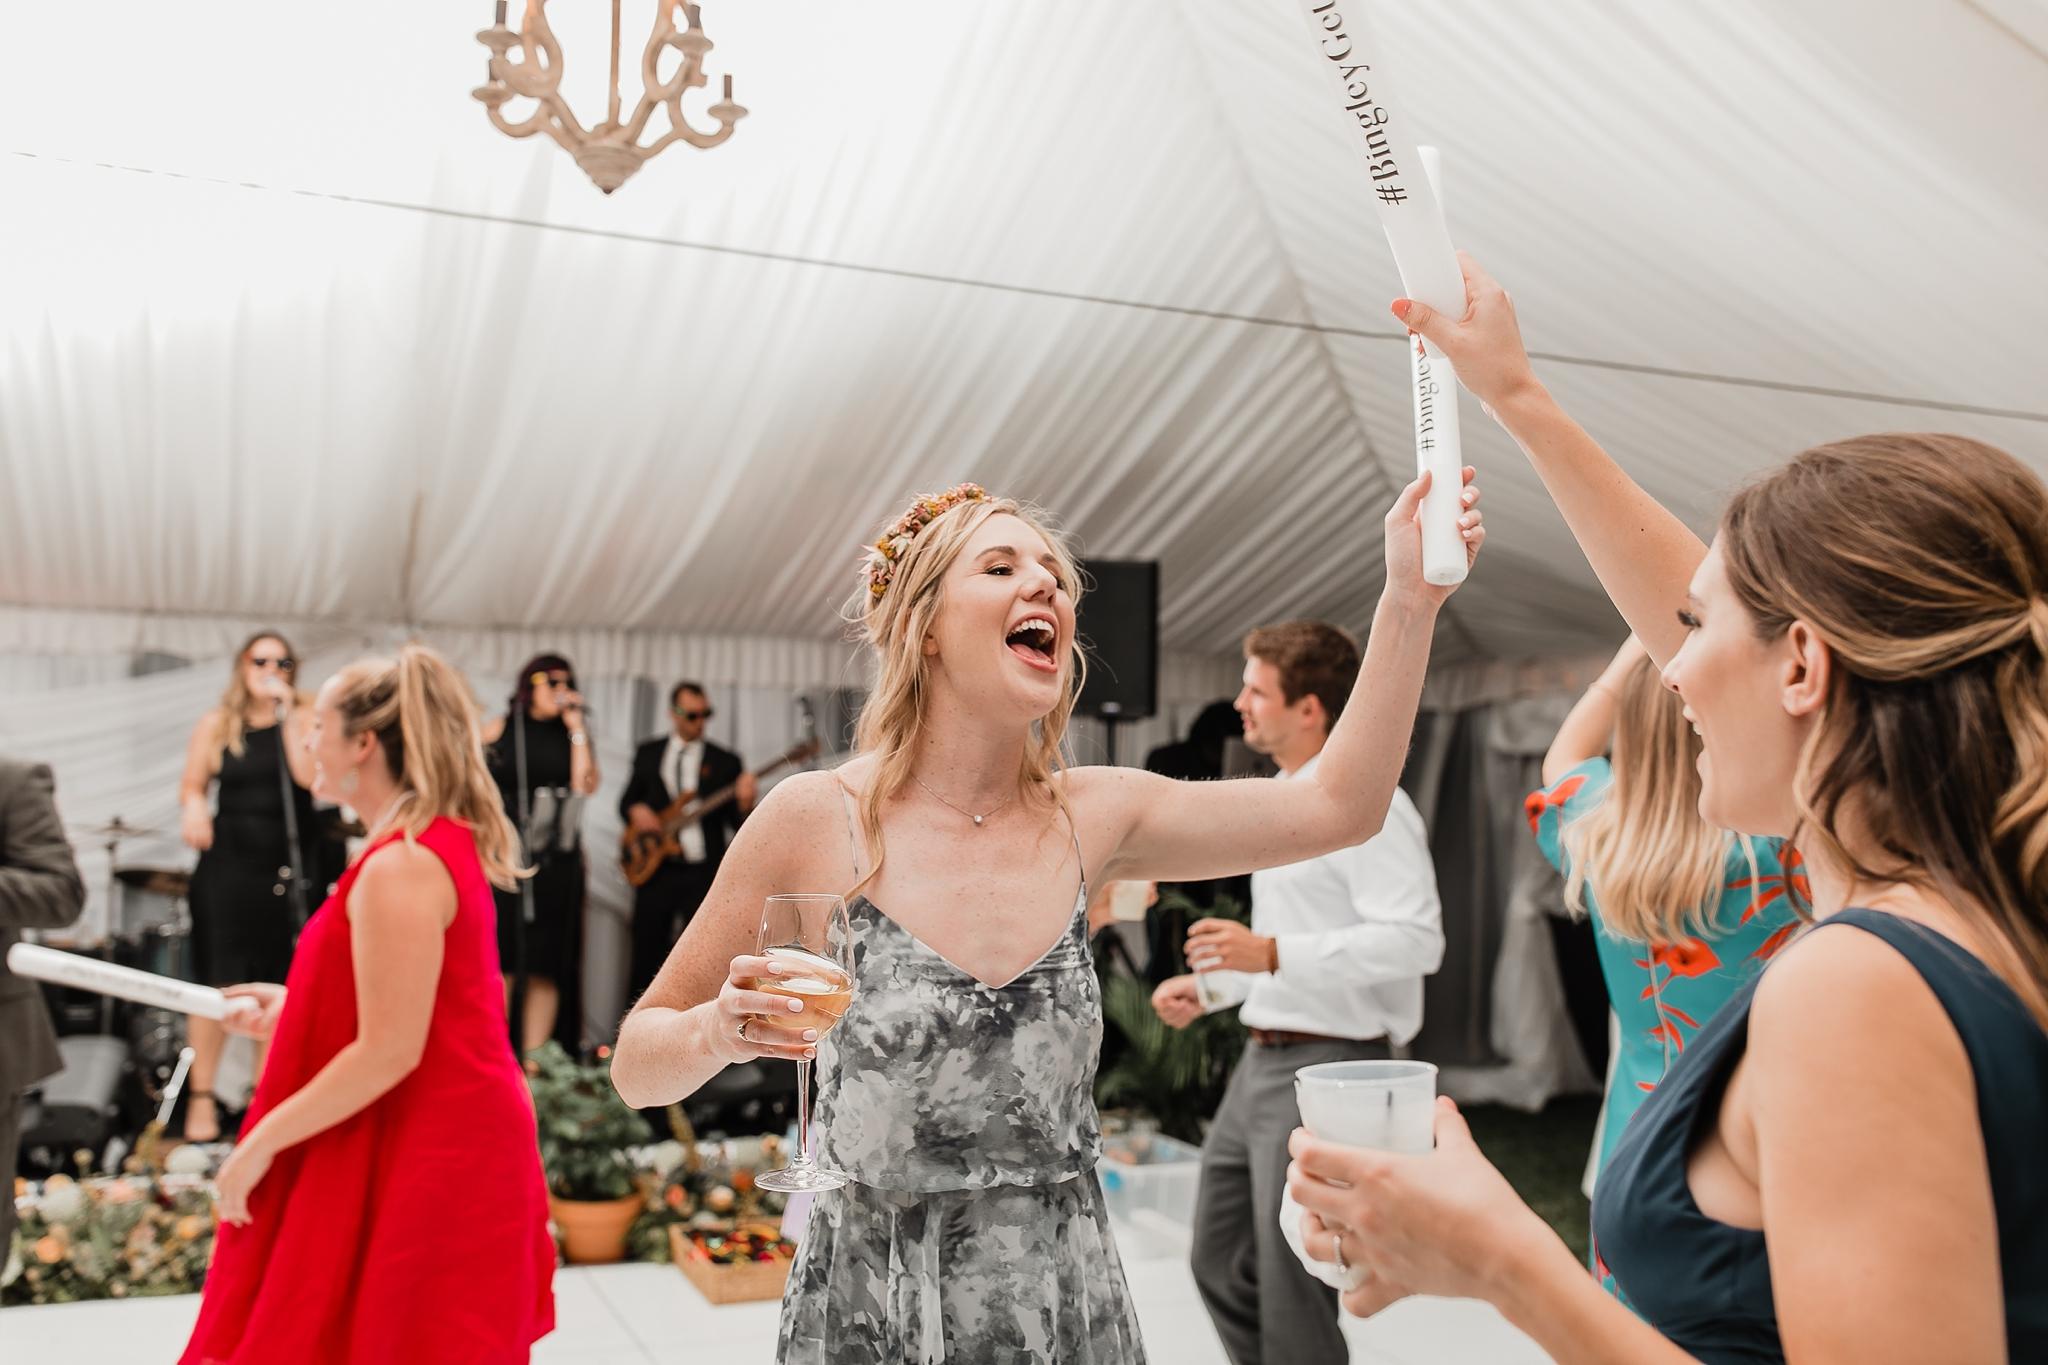 Alicia+lucia+photography+-+albuquerque+wedding+photographer+-+santa+fe+wedding+photography+-+new+mexico+wedding+photographer+-+new+mexico+wedding+-+las+campanas+wedding+-+santa+fe+wedding+-+maximalist+wedding+-+destination+wedding_0157.jpg